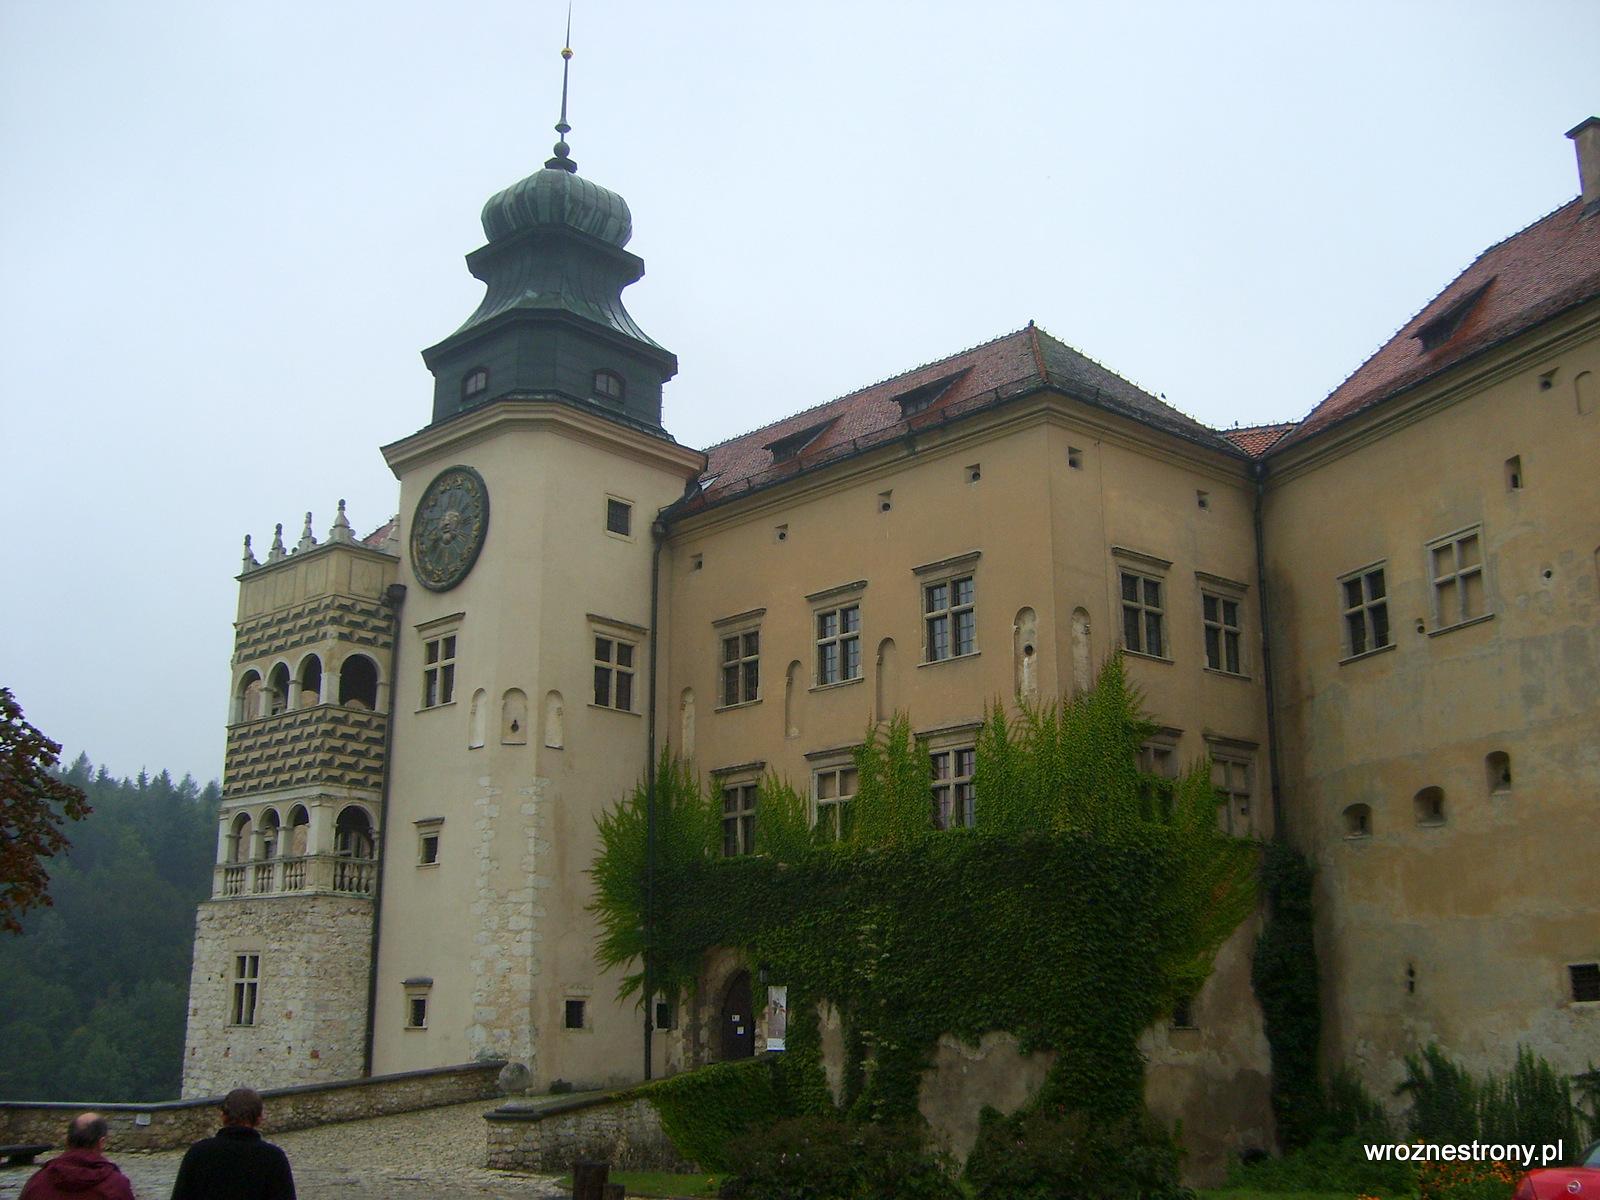 Zamek w Pieskowej Skale w 2007 roku